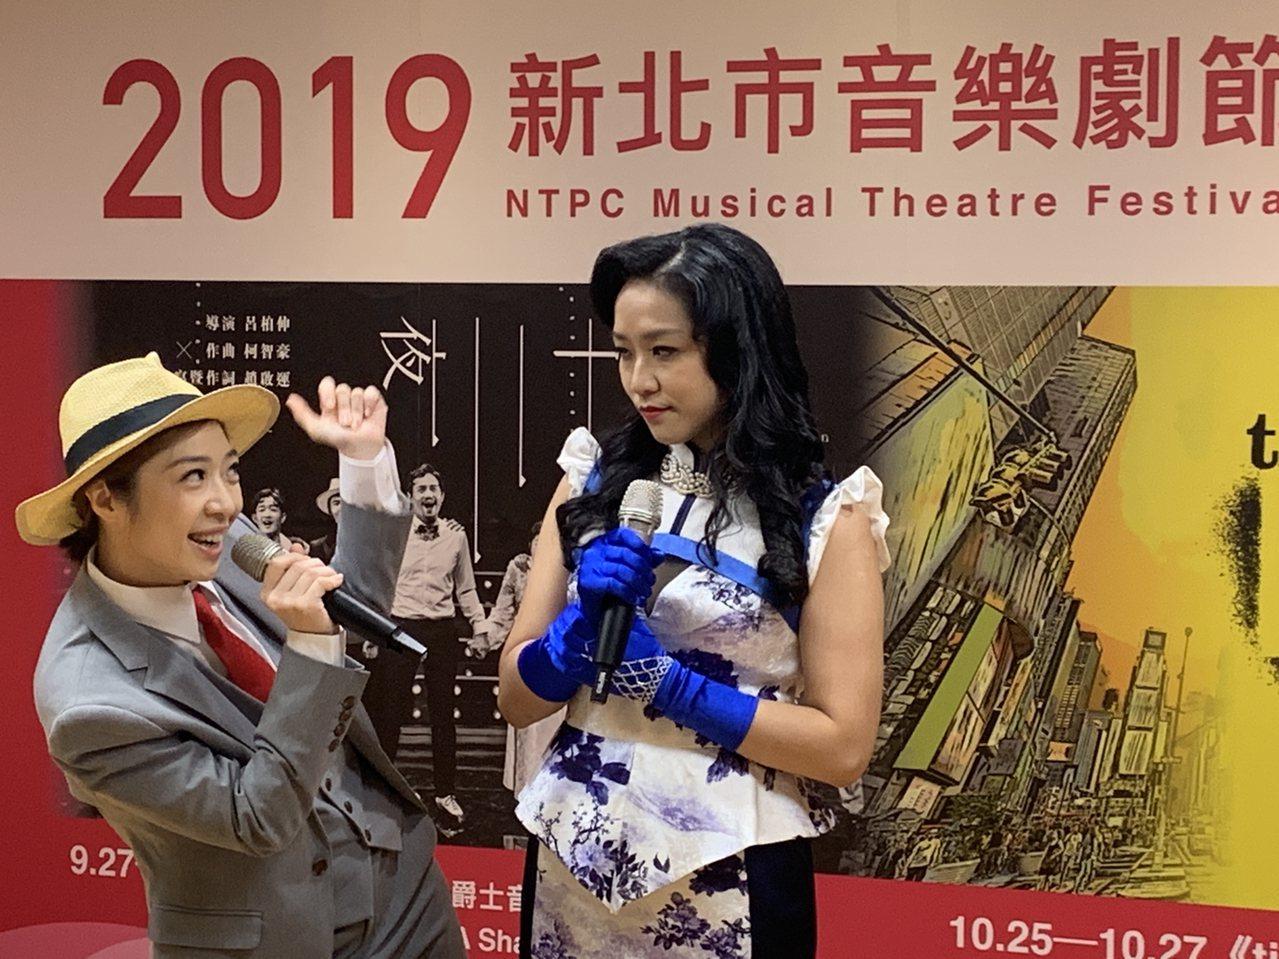 「2019新北市音樂劇節」將在9月登場,一路持續到明年1月。新北市文化局今年邀請...